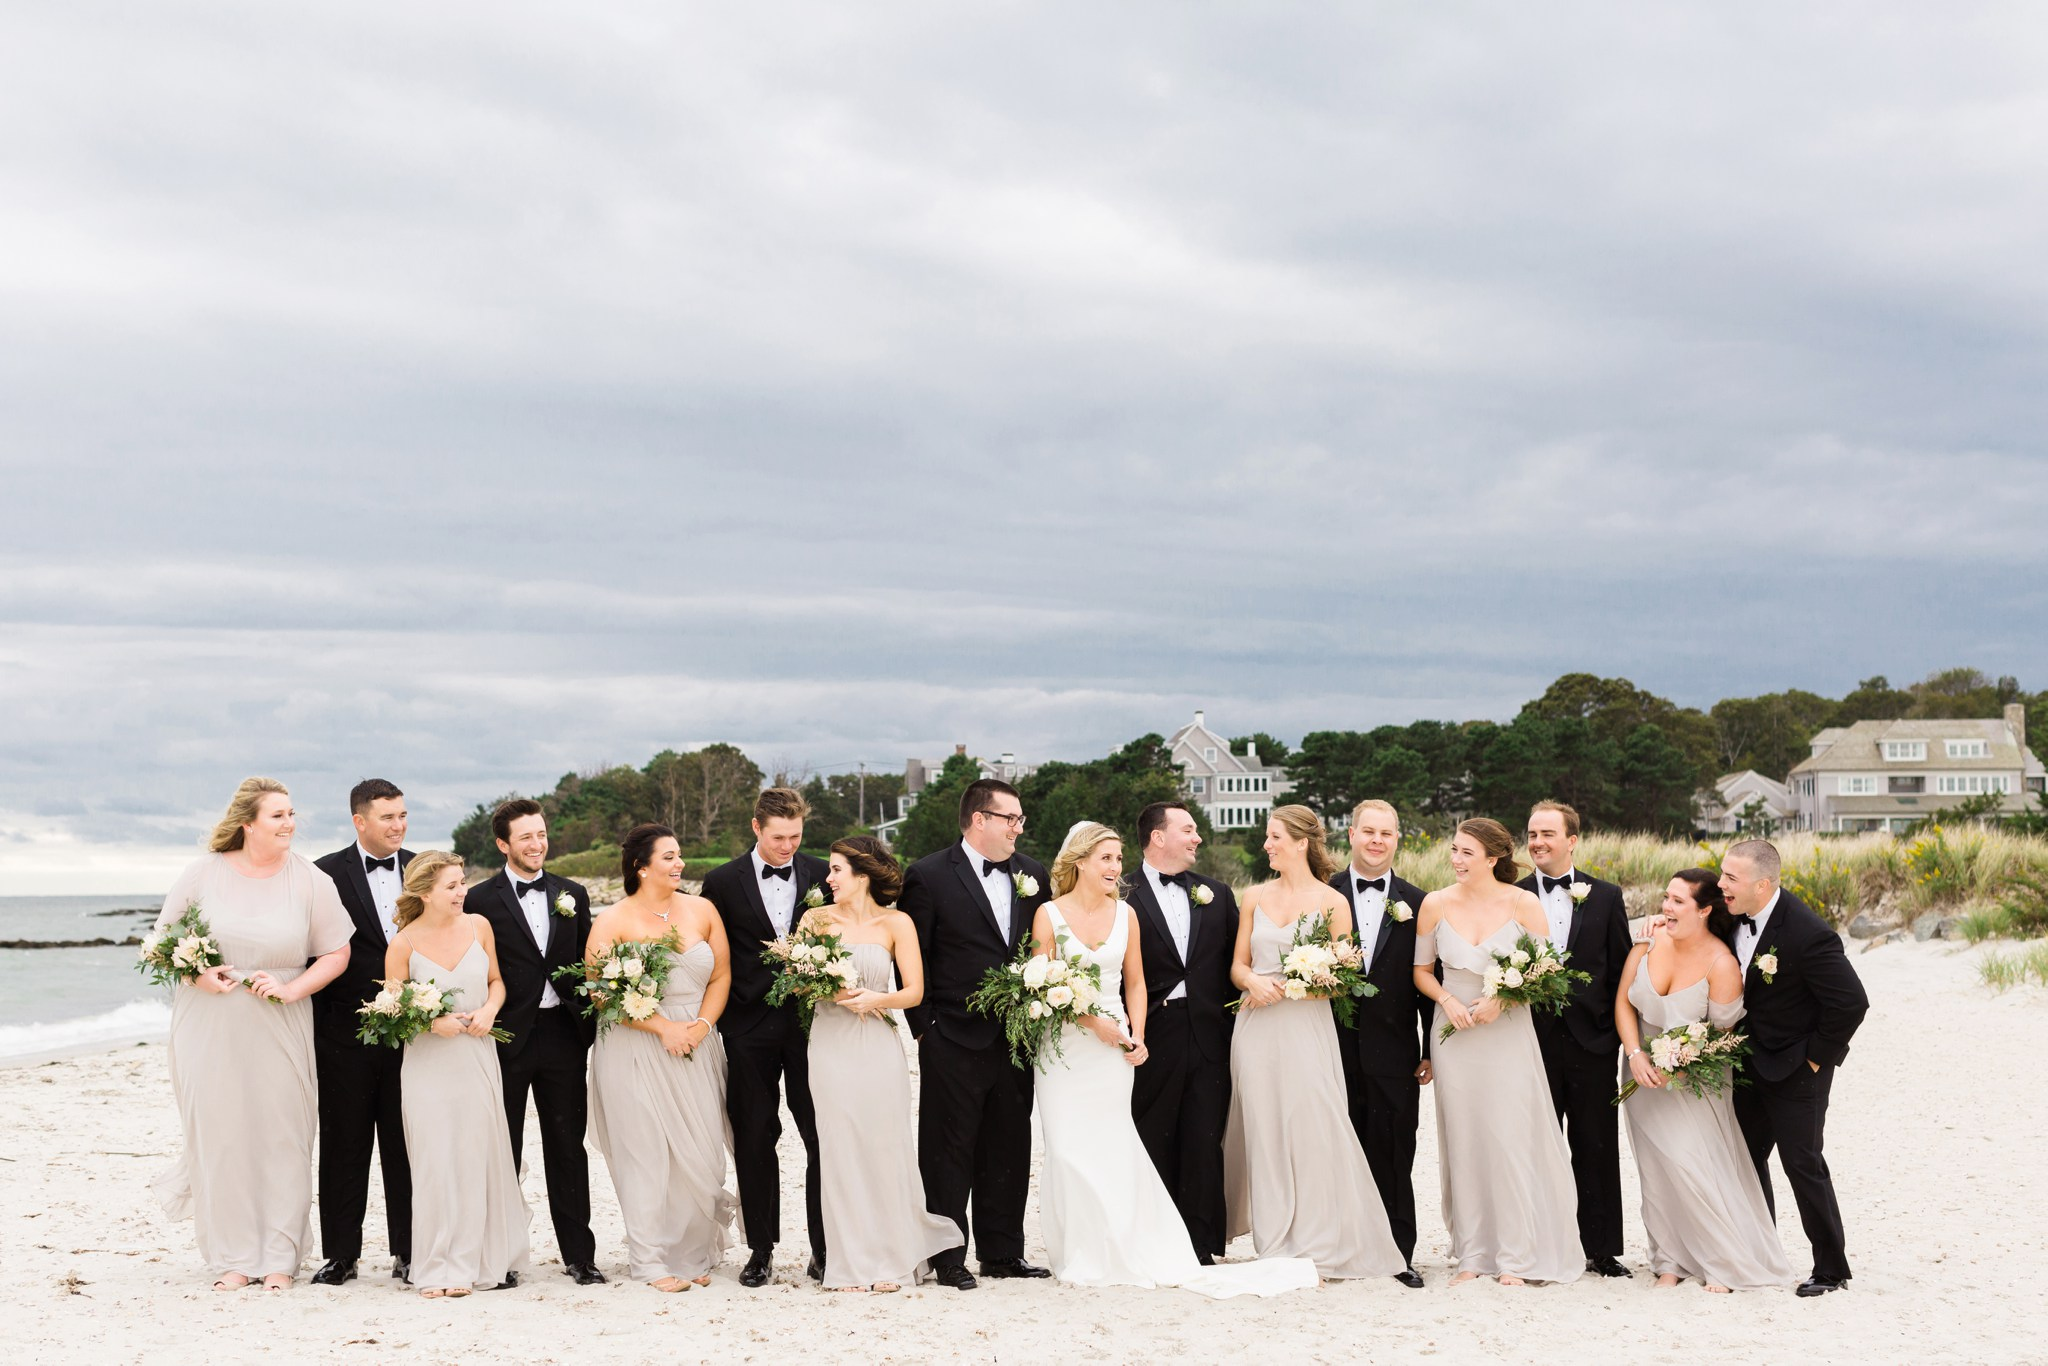 cape_cod_wedding_photos_deborah_zoe_00026.JPG